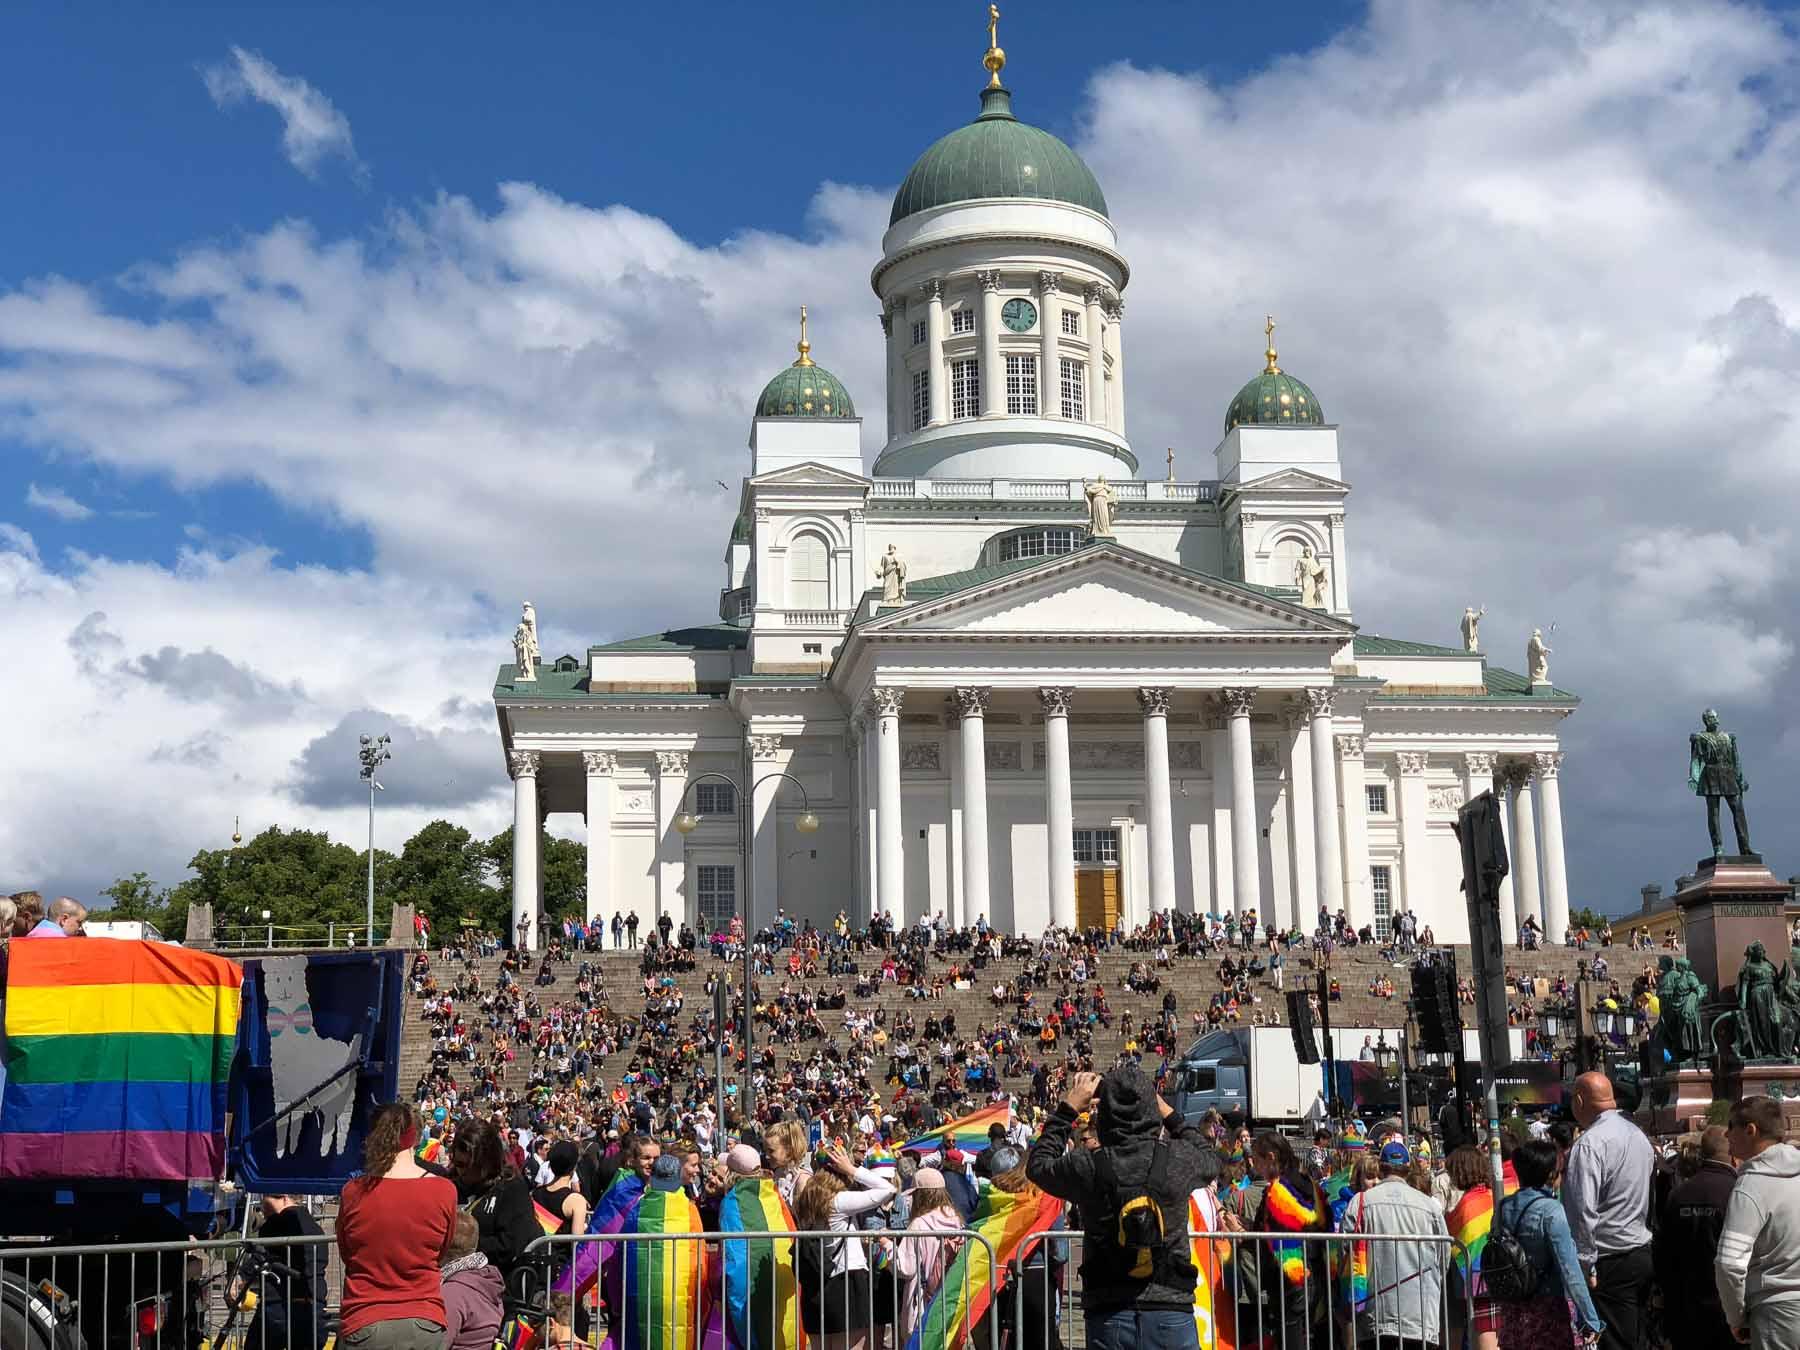 Hnderttausende besuchen jährlich den Dom von Helsinki, das bekannteste Wahrzeichen der Stadt